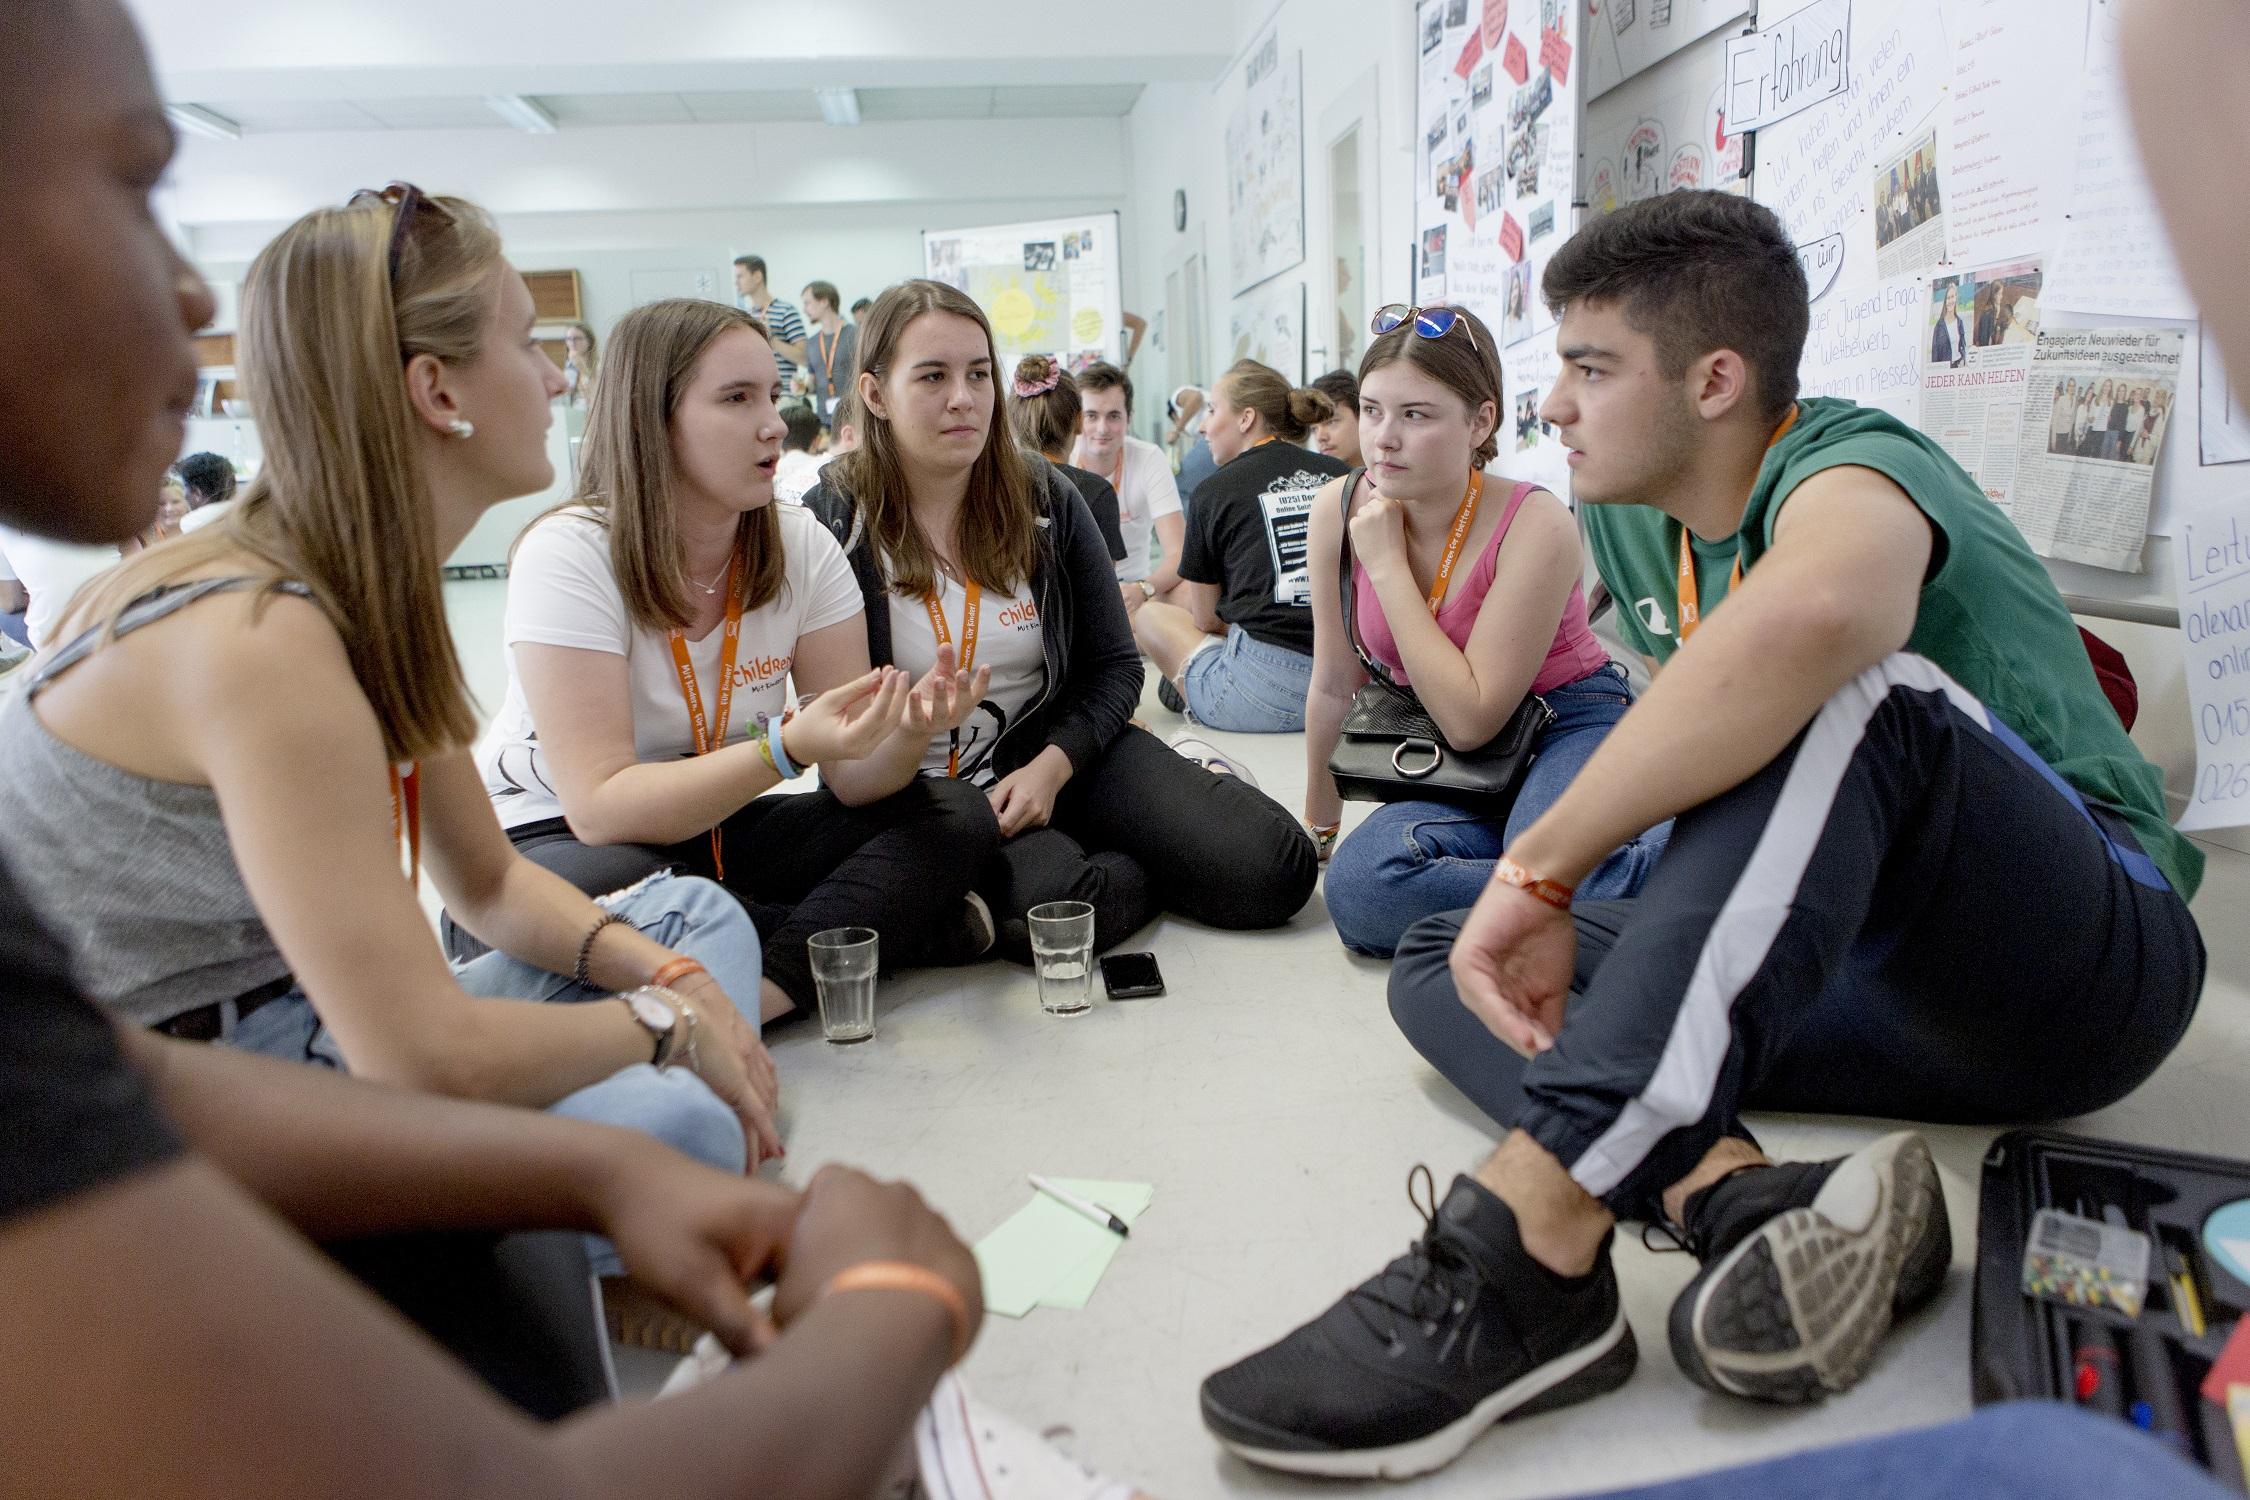 Geförderte Kinder und Jugendliche beim gemeinsamen Austausch.